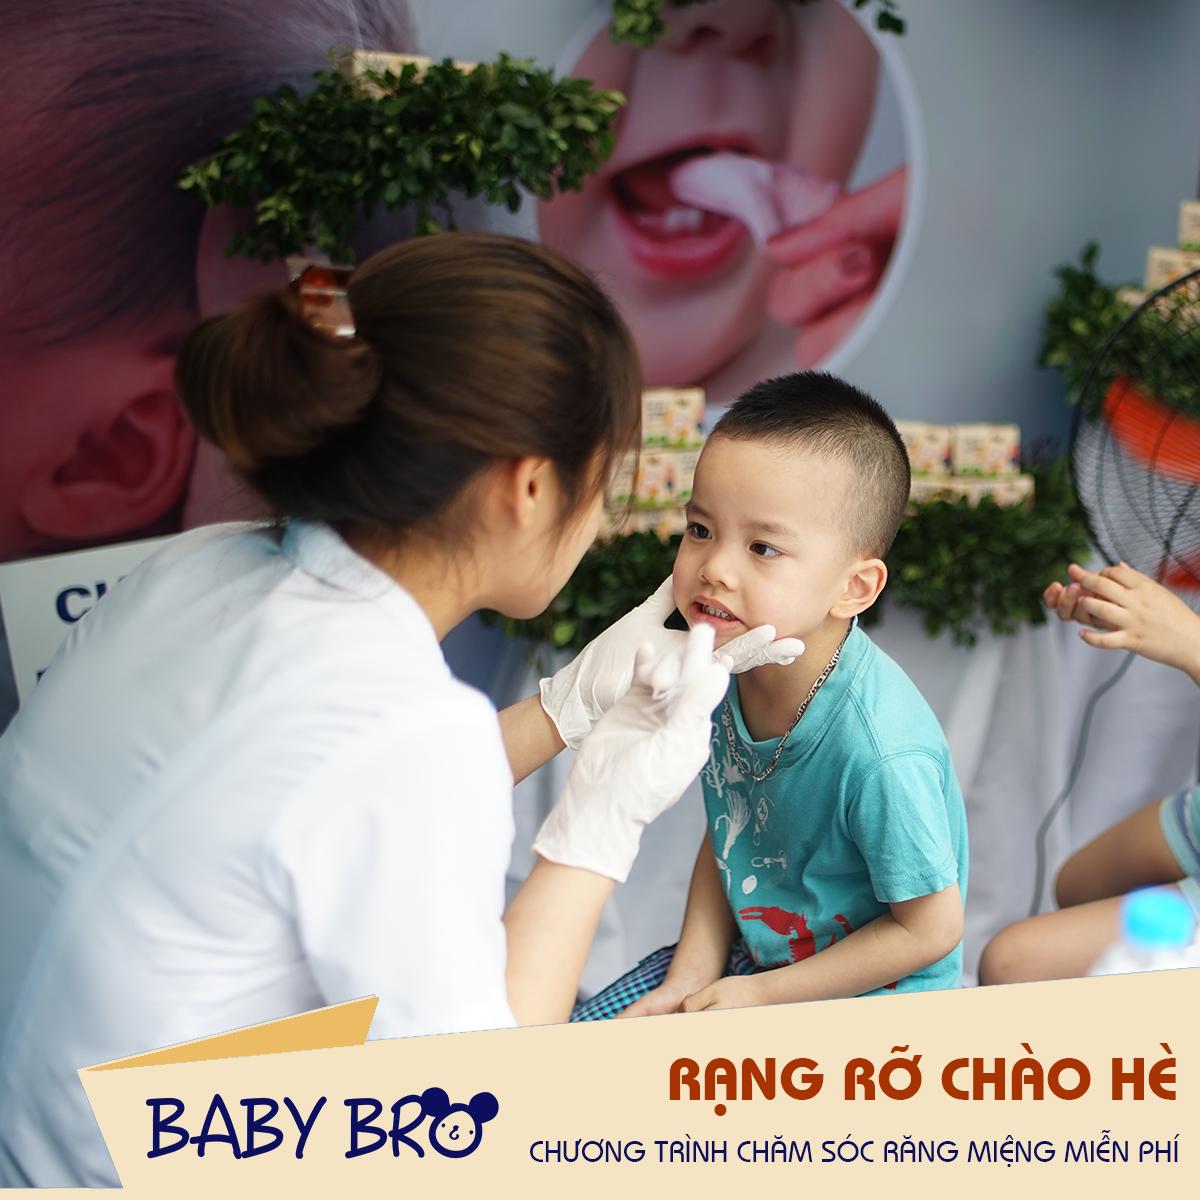 Chăm sóc răng miệng bằng Xylitol - Trải nghiệm mới đầy thích thú cho các bé